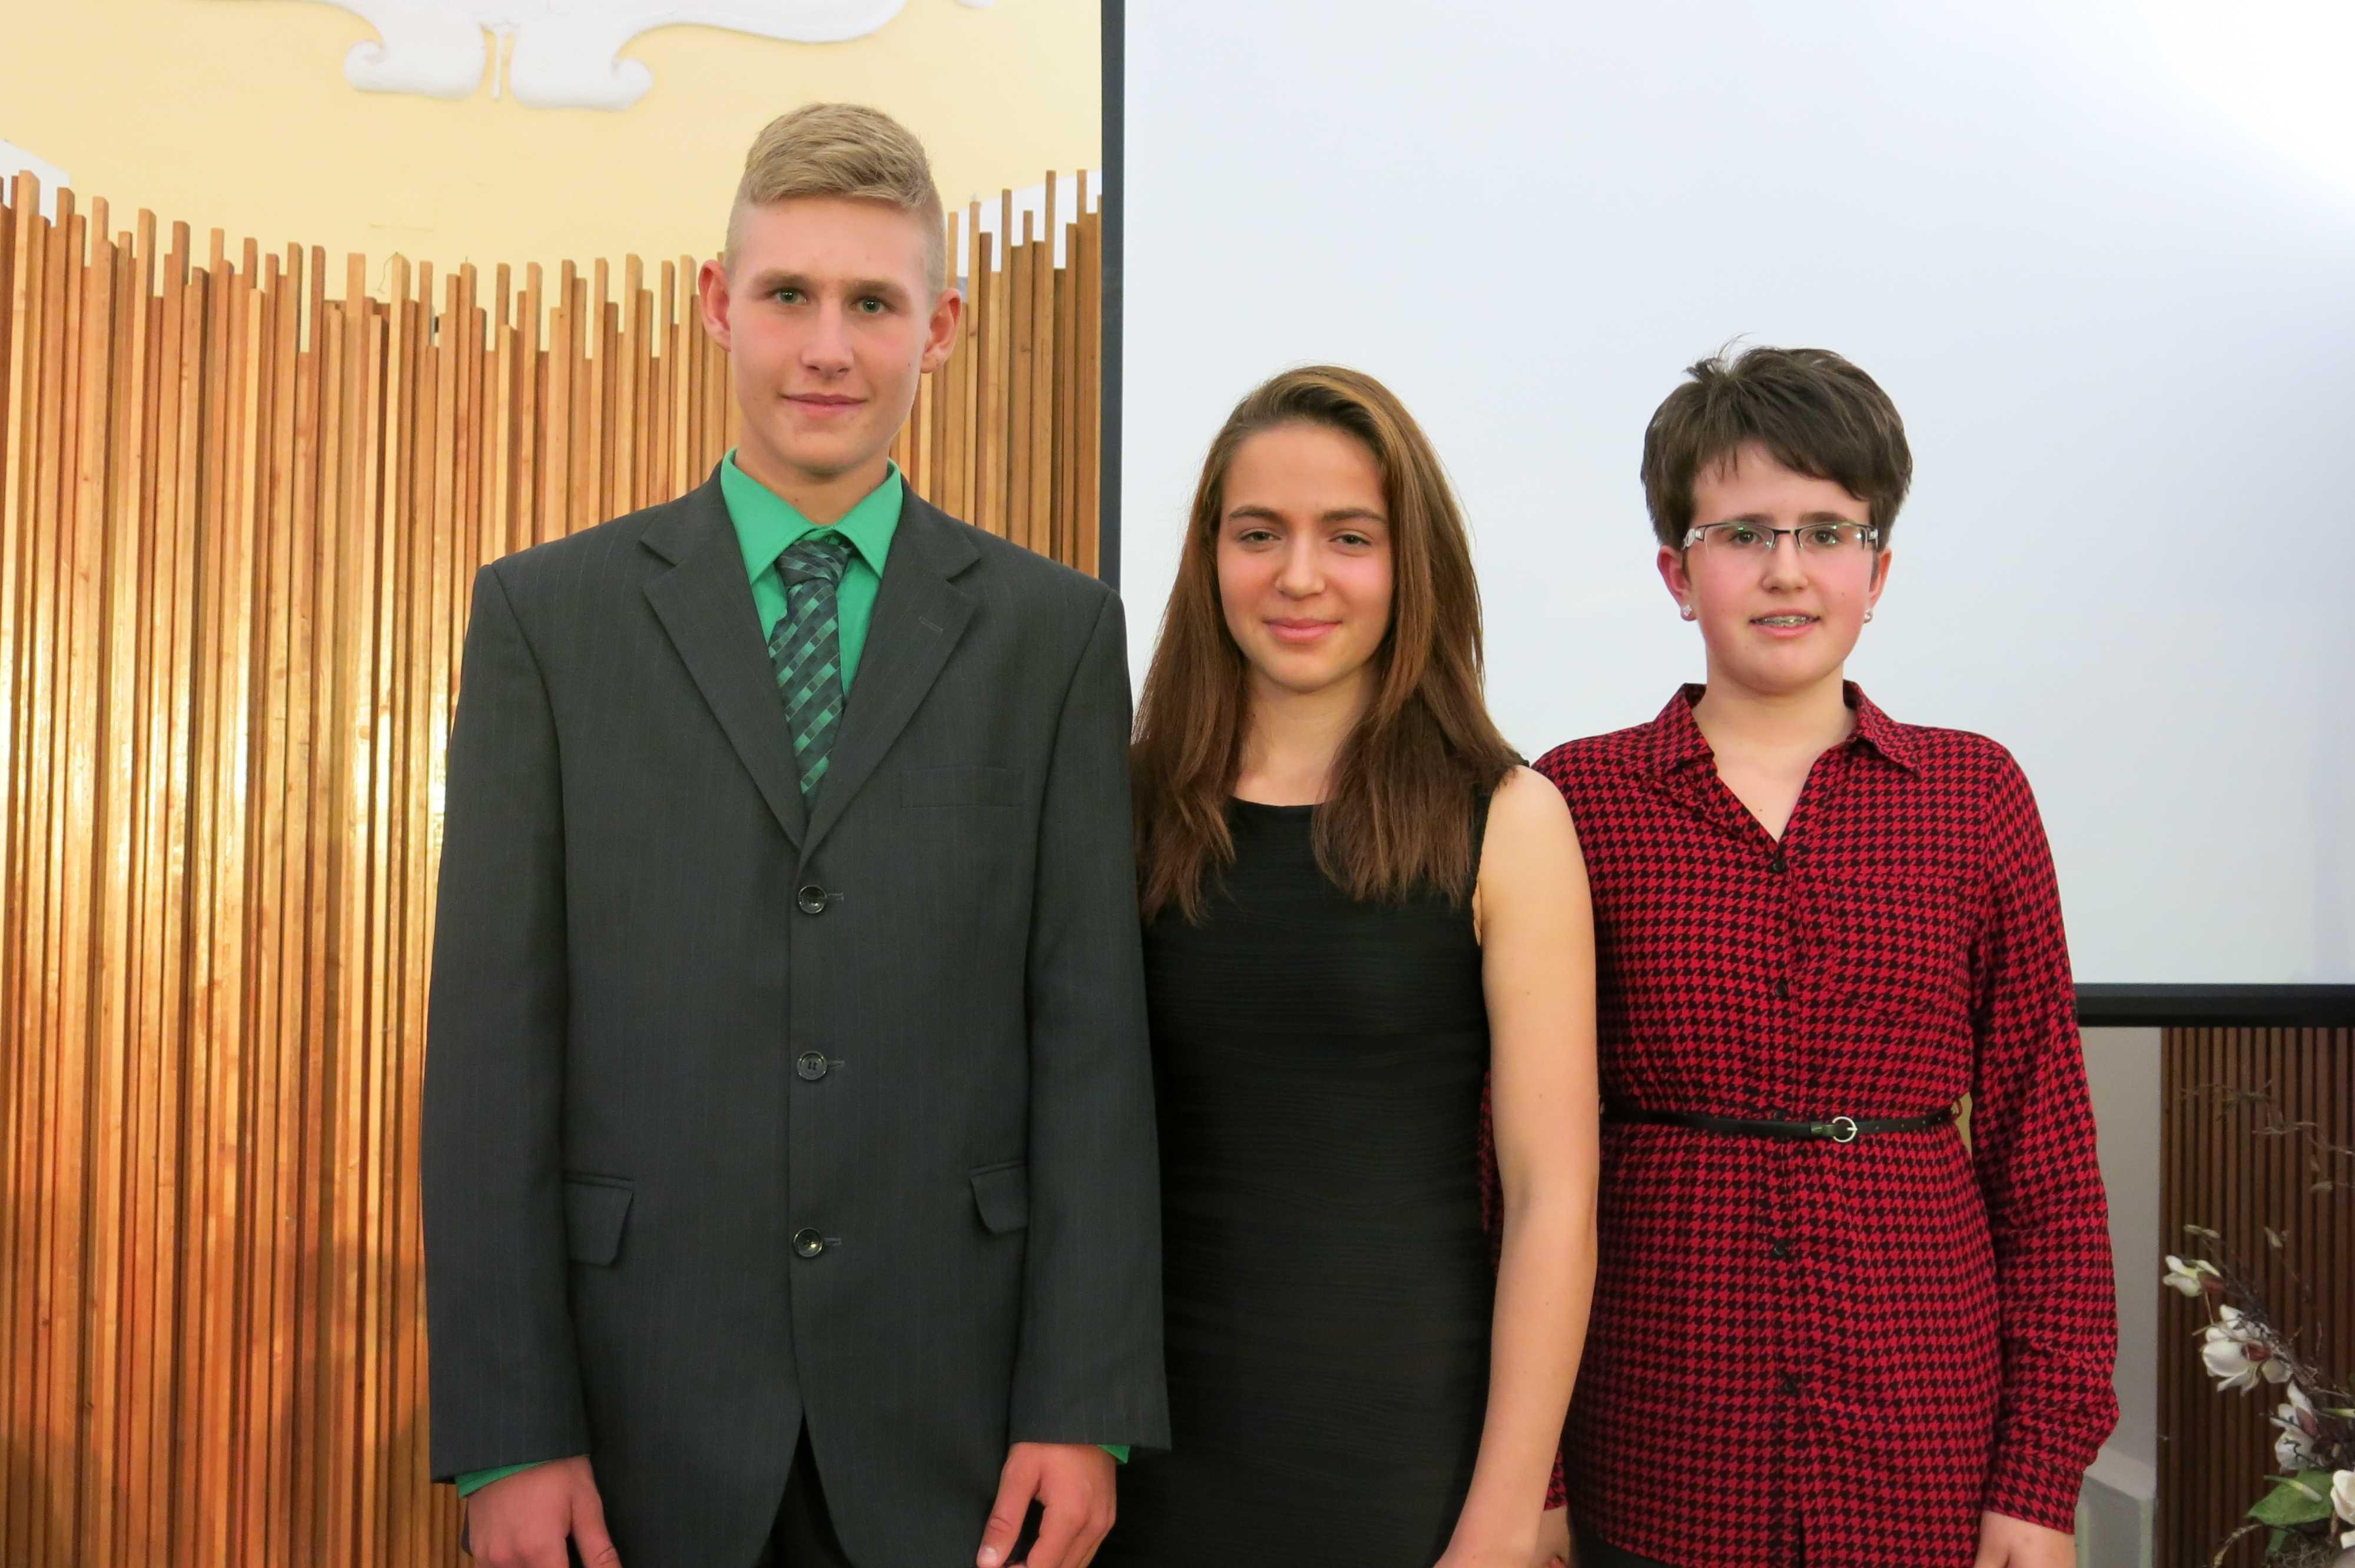 Ceny města Havlíčkův Brod pro nejlepší žáky základních škol